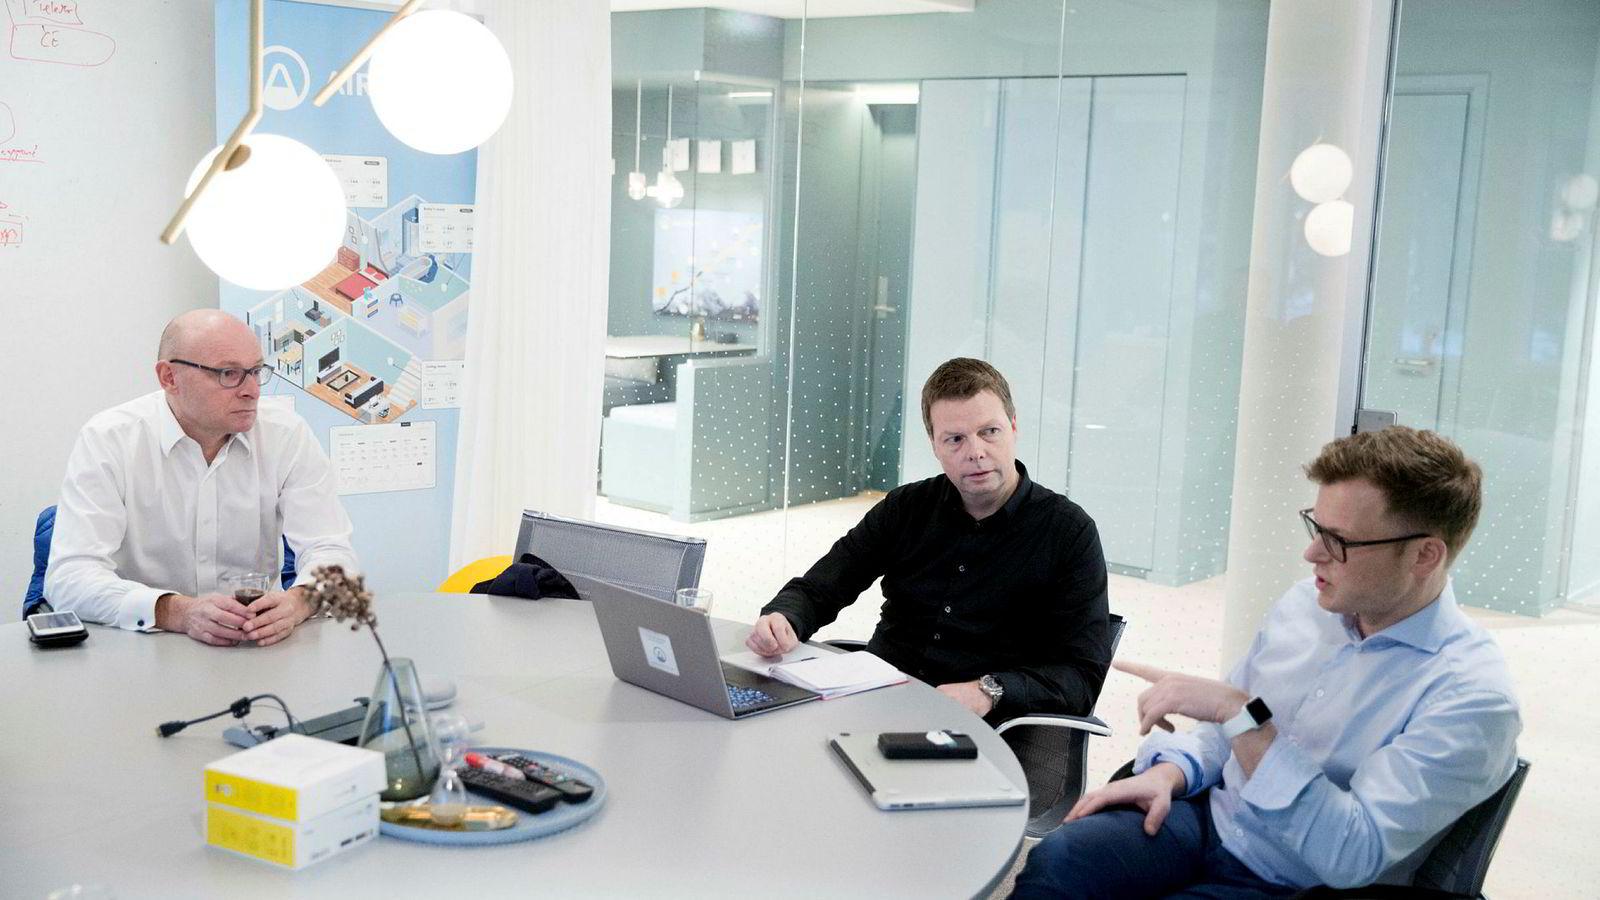 Teknologidirektør Erlend Bolle (til høyre) er en av tre originale gründere som fortsatt sitter i ledelsen i Airthings. De ville ha inn Øyvind Birkenes (i midten) og Geir Førre for å vokse videre.